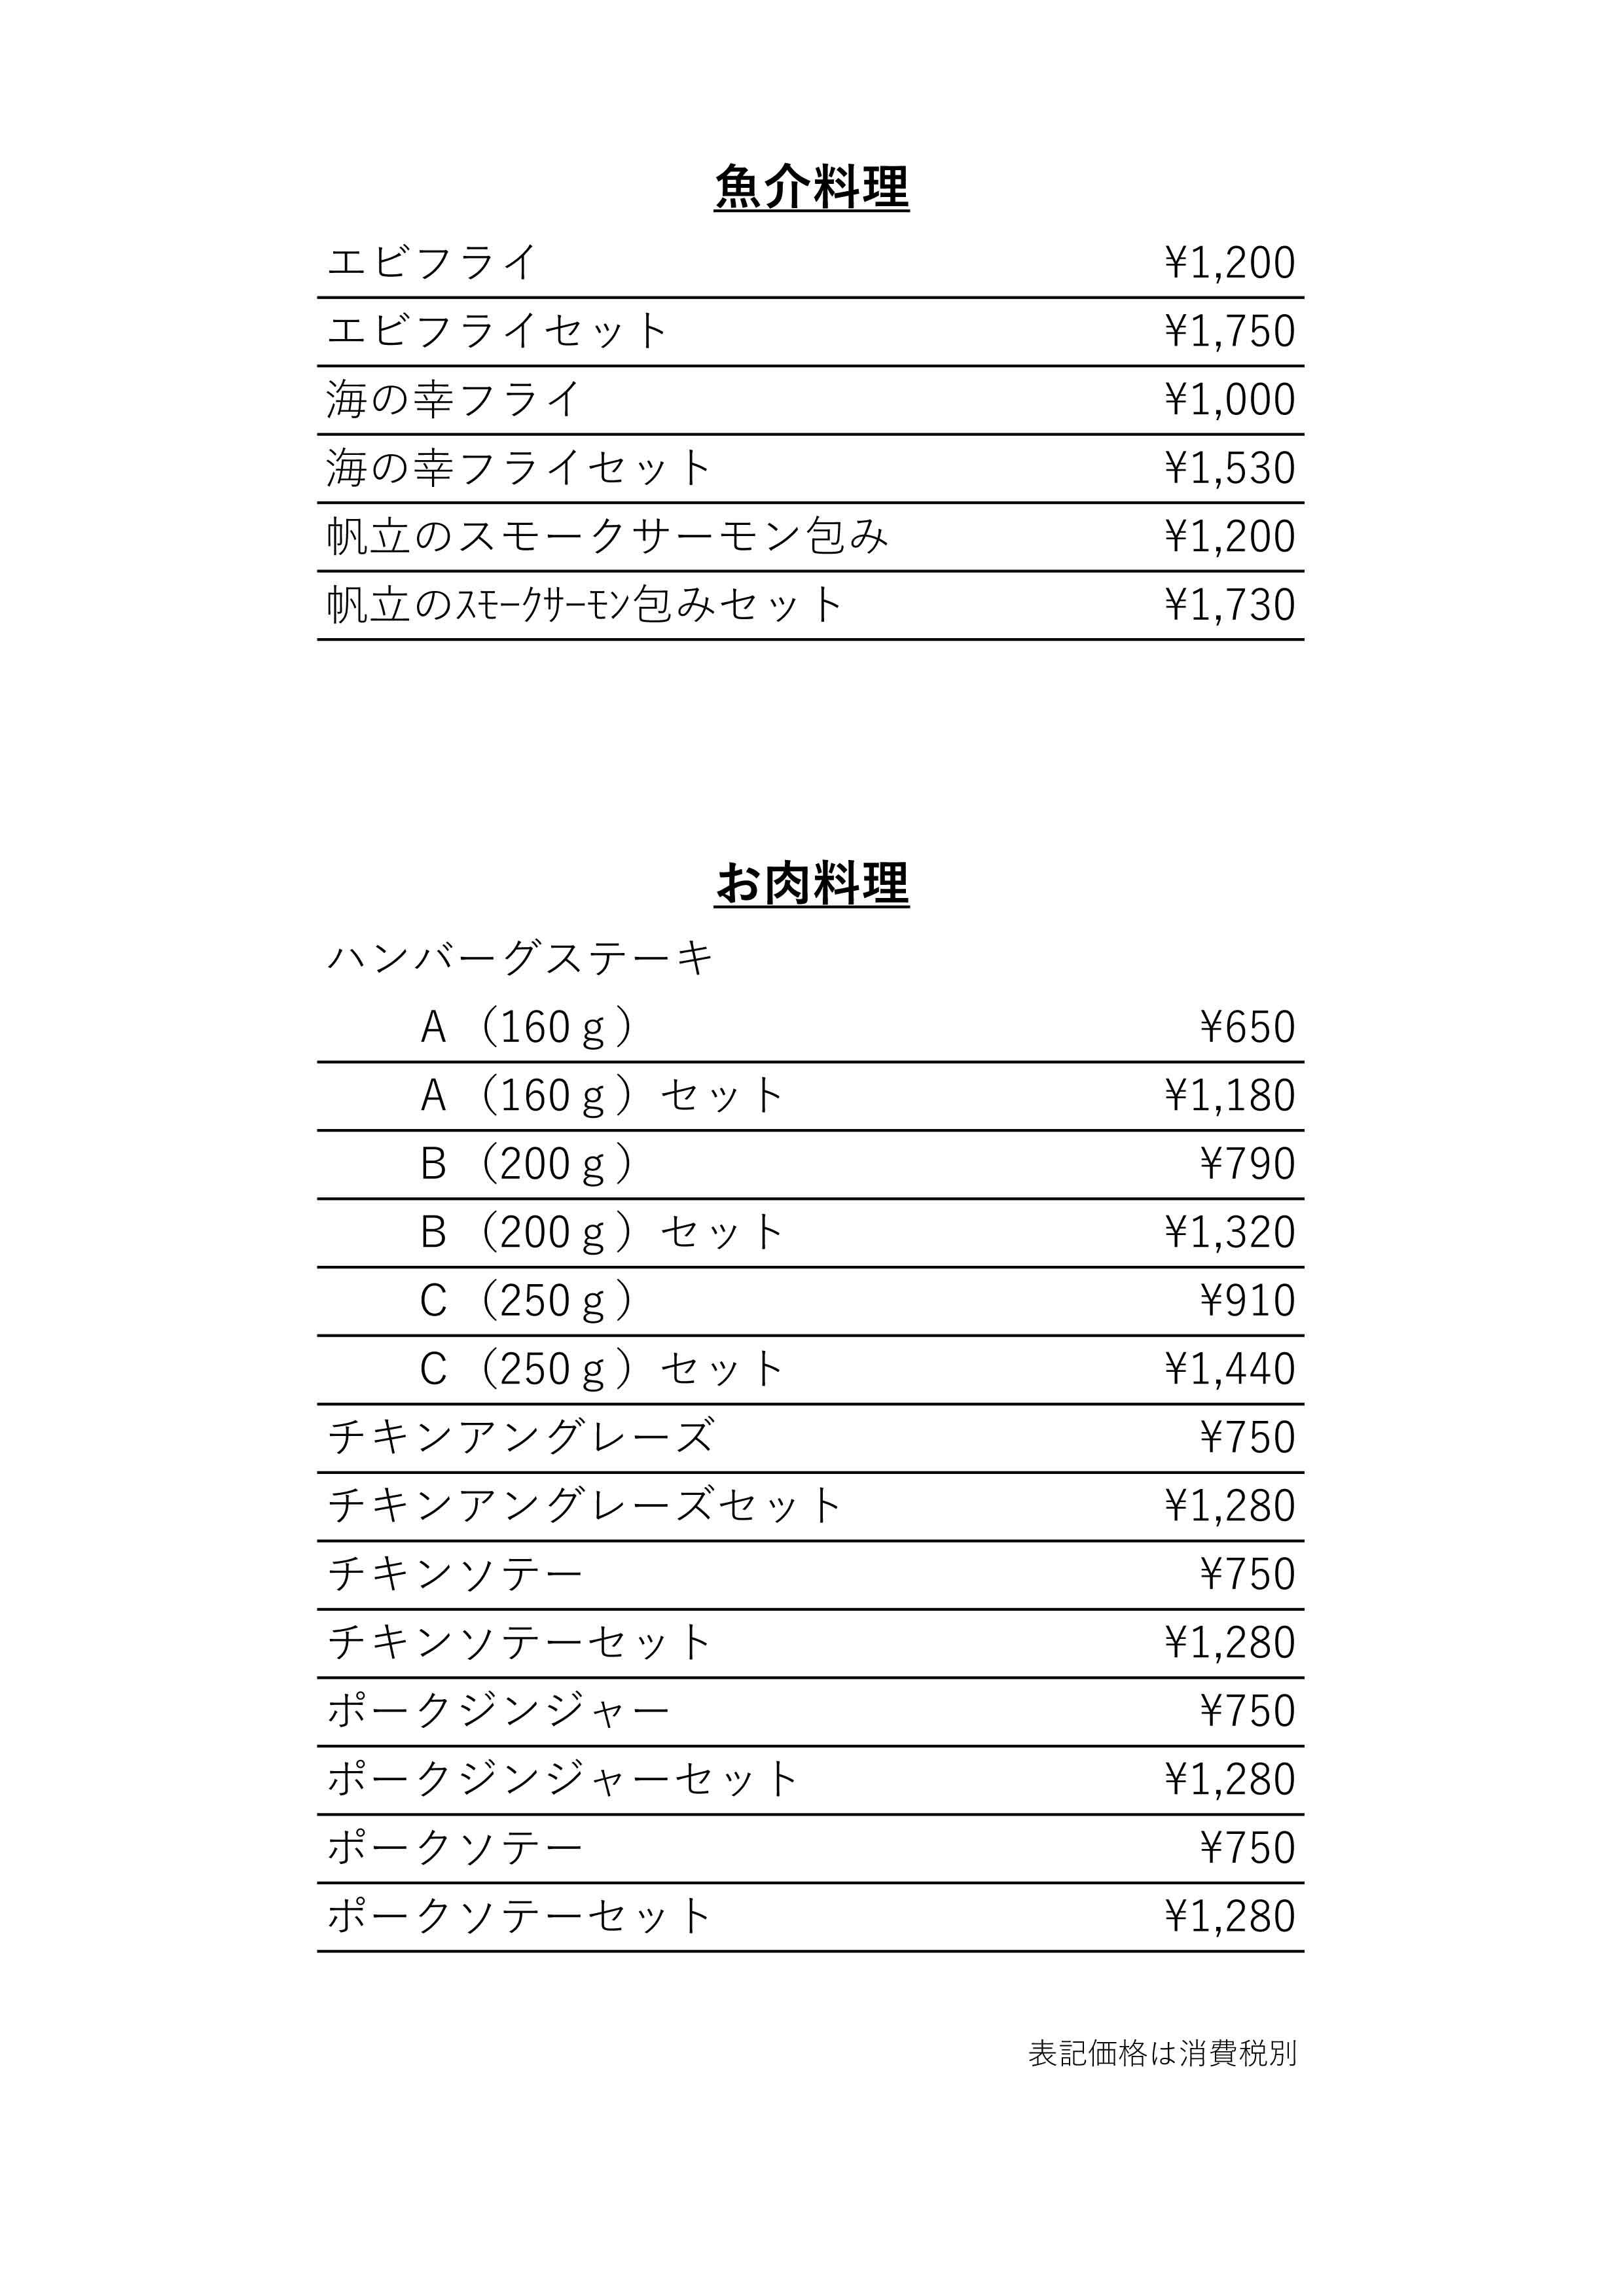 すぎの木メニュー表_ver2-03